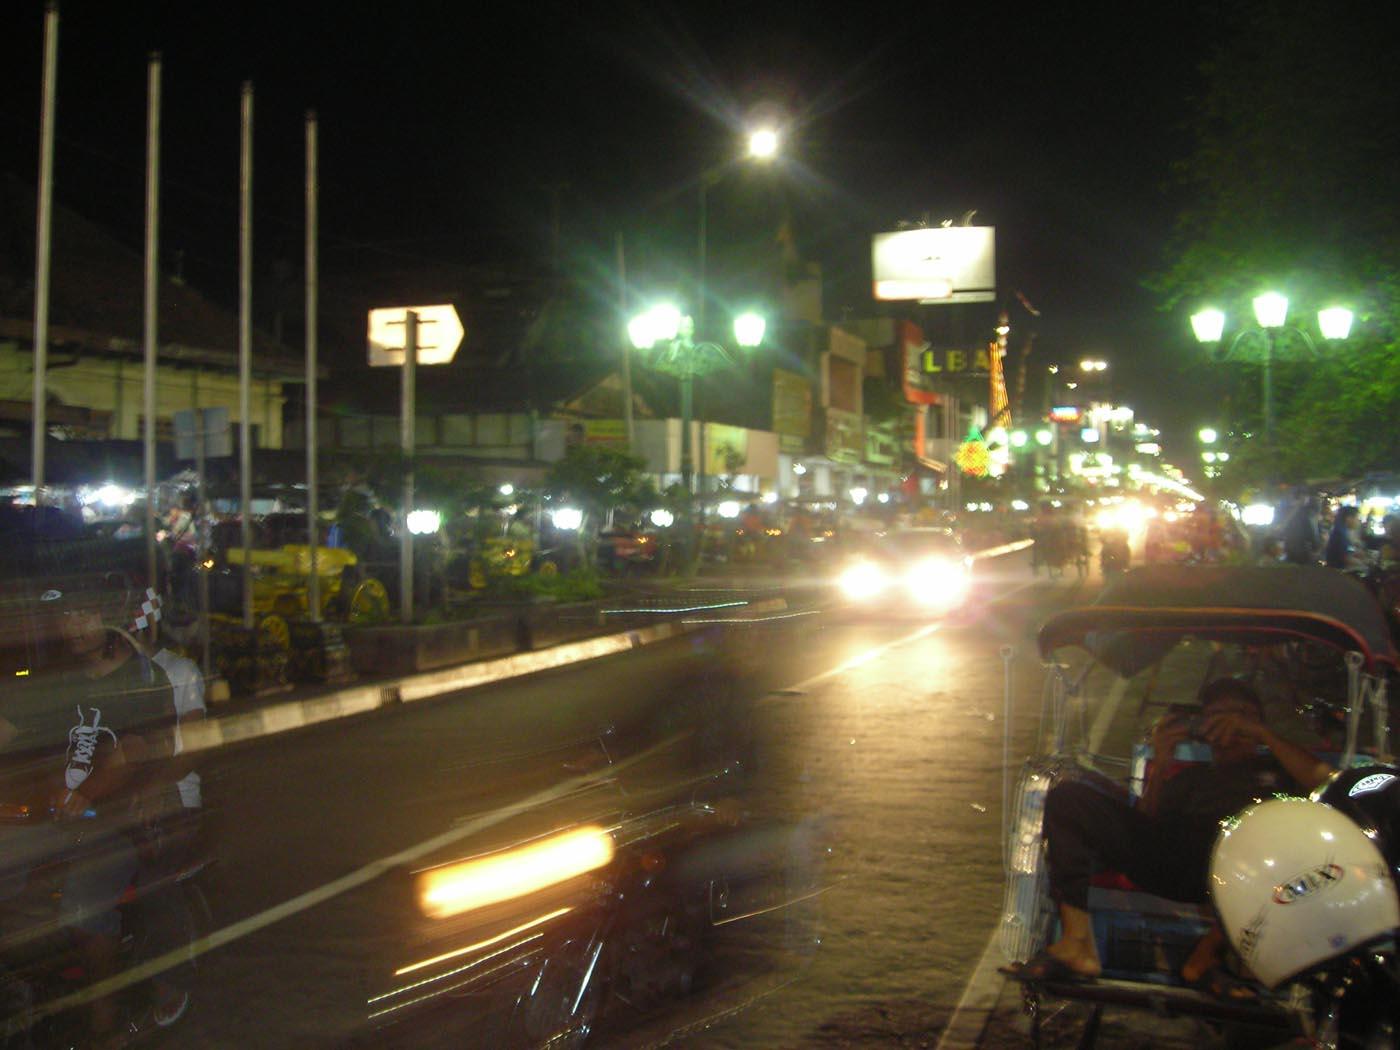 jpeg, Perjalanan 24 jam di Kota Istimewa Jogja, sabtu, 3 Januari 2009 ...